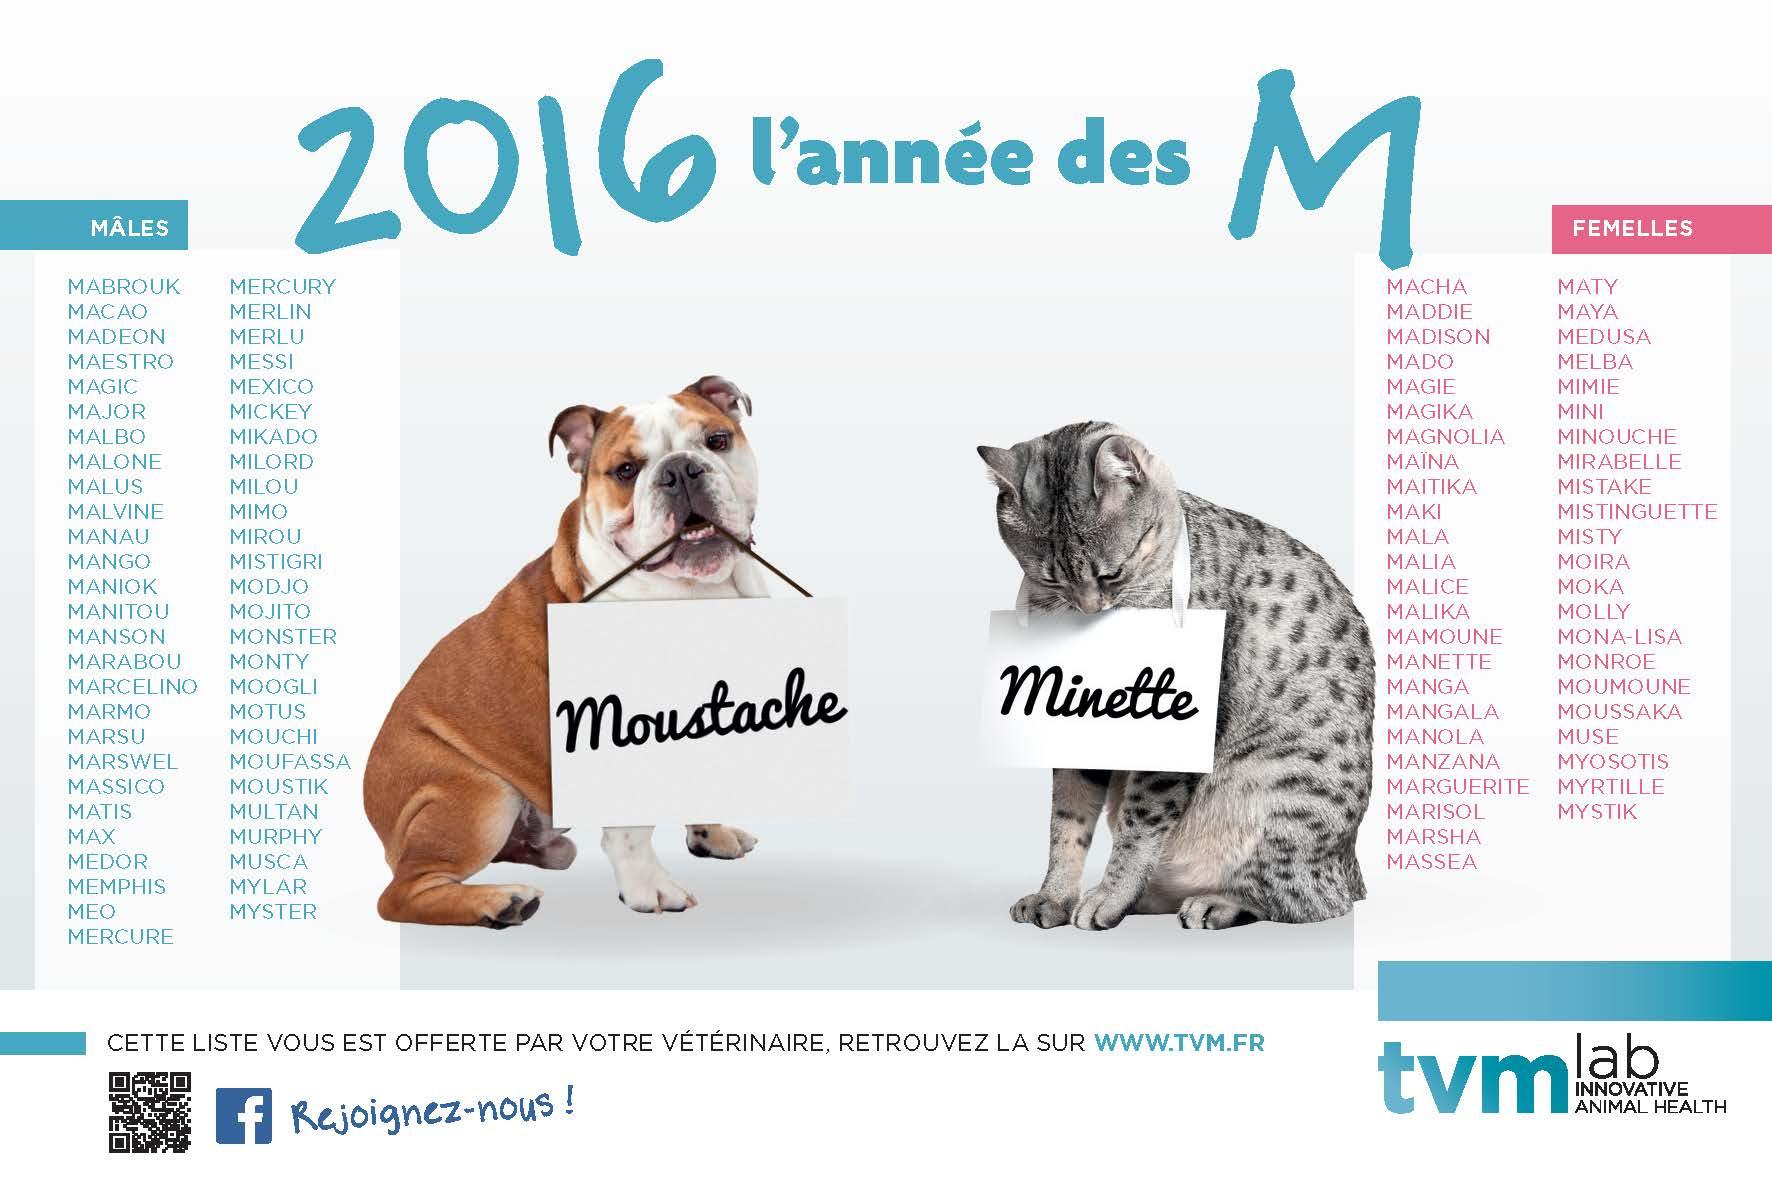 Extrêmement La lettre de l'année | Cabinet Vétérinaire des Chantannes NT02